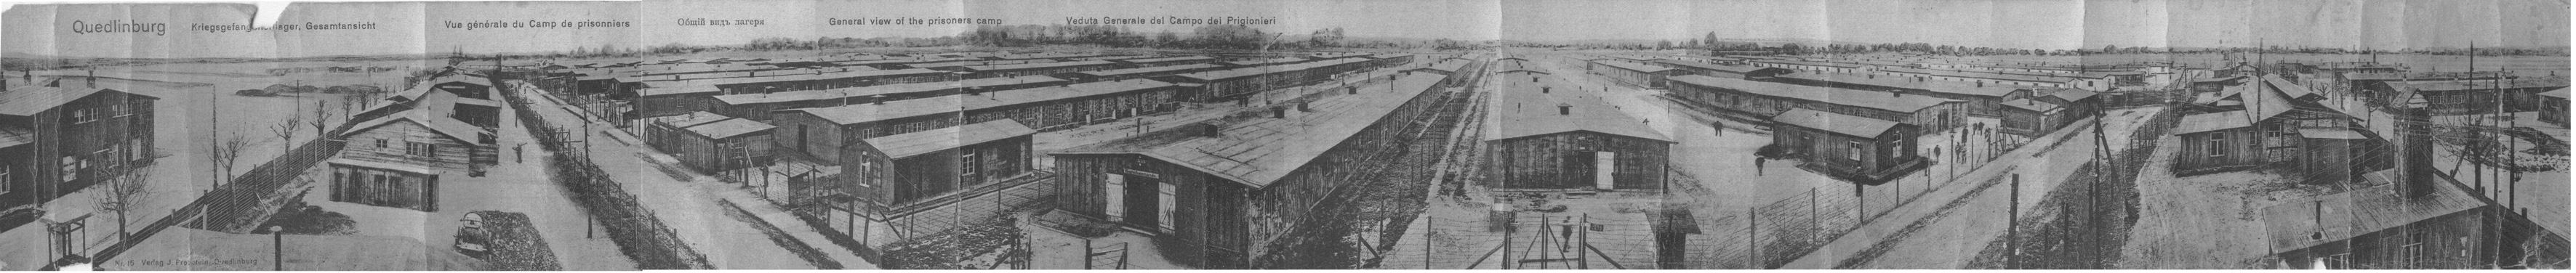 Vue générale du camp de Quedlinburg